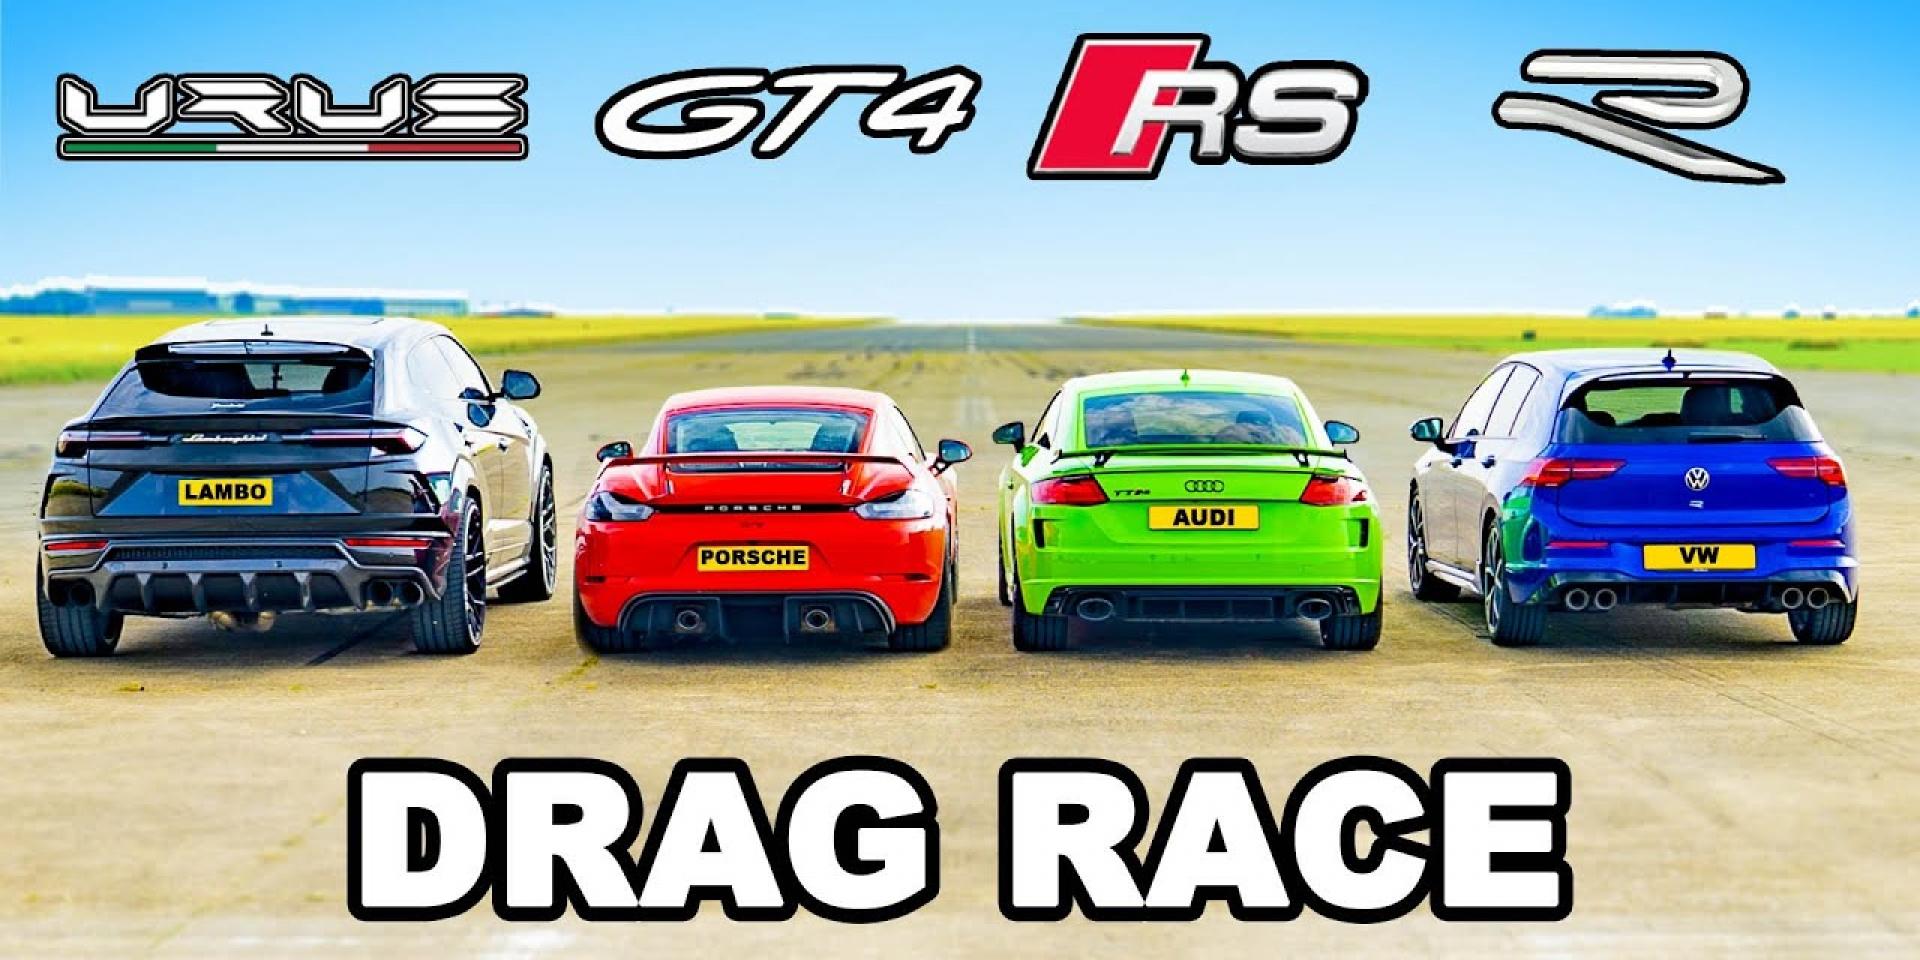 汽缸越多越會跑?Urus、Cayman GT4、TT RS、Golf R的異種格鬥戰!